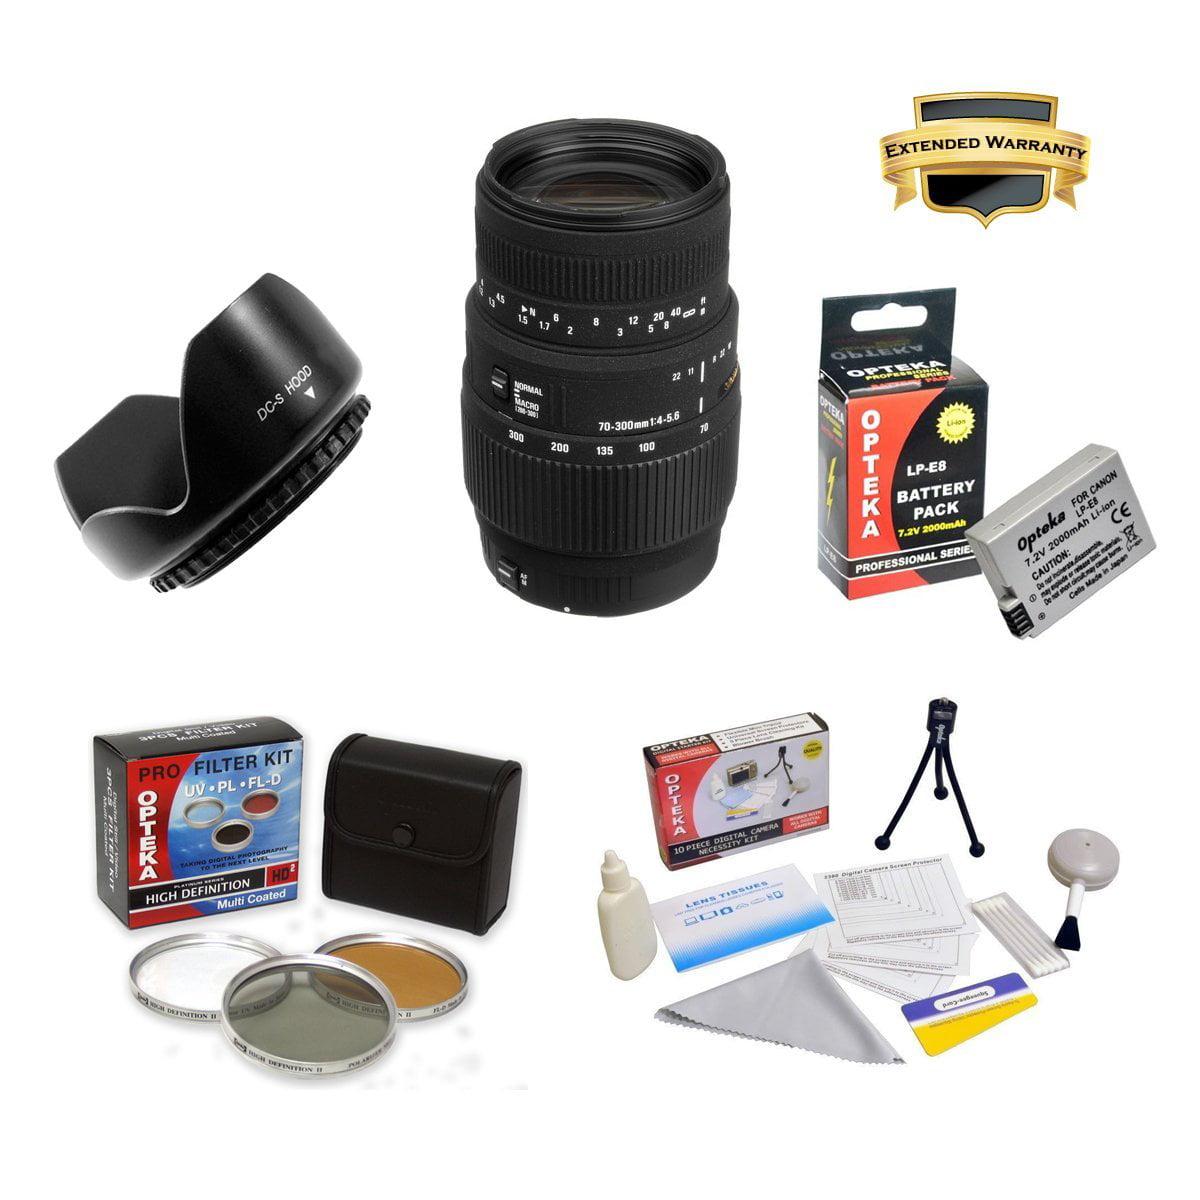 Sigma 70-300mm f/4-5.6 DG Macro Telephoto Zoom Lens For Canon EOS Rebel T2i T3i T4i T5i With Kit Includes 3 piece Filter Kit, Flower Lens Hood, 6 Year Extended Lens Warranty, Battery Pack, More